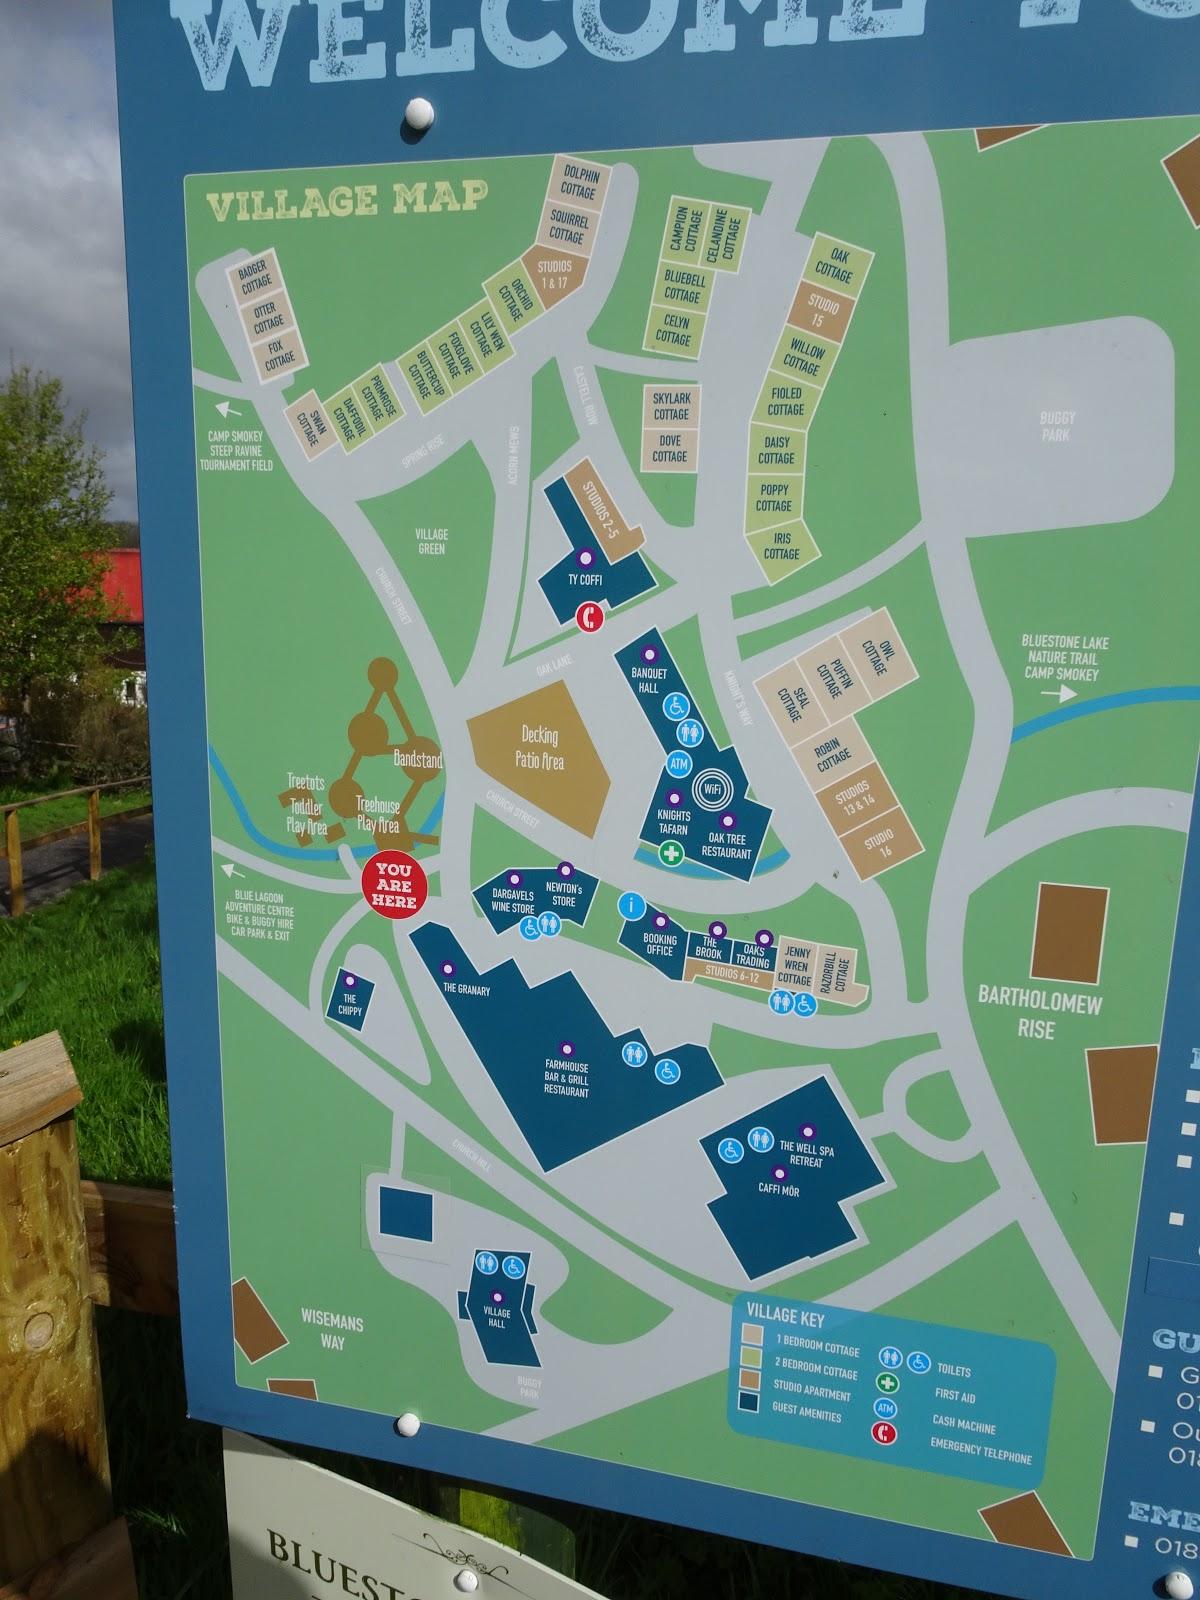 Bluestone Wales Map Bluestone wales Grassholm galivants Day two   MissLJBeauty